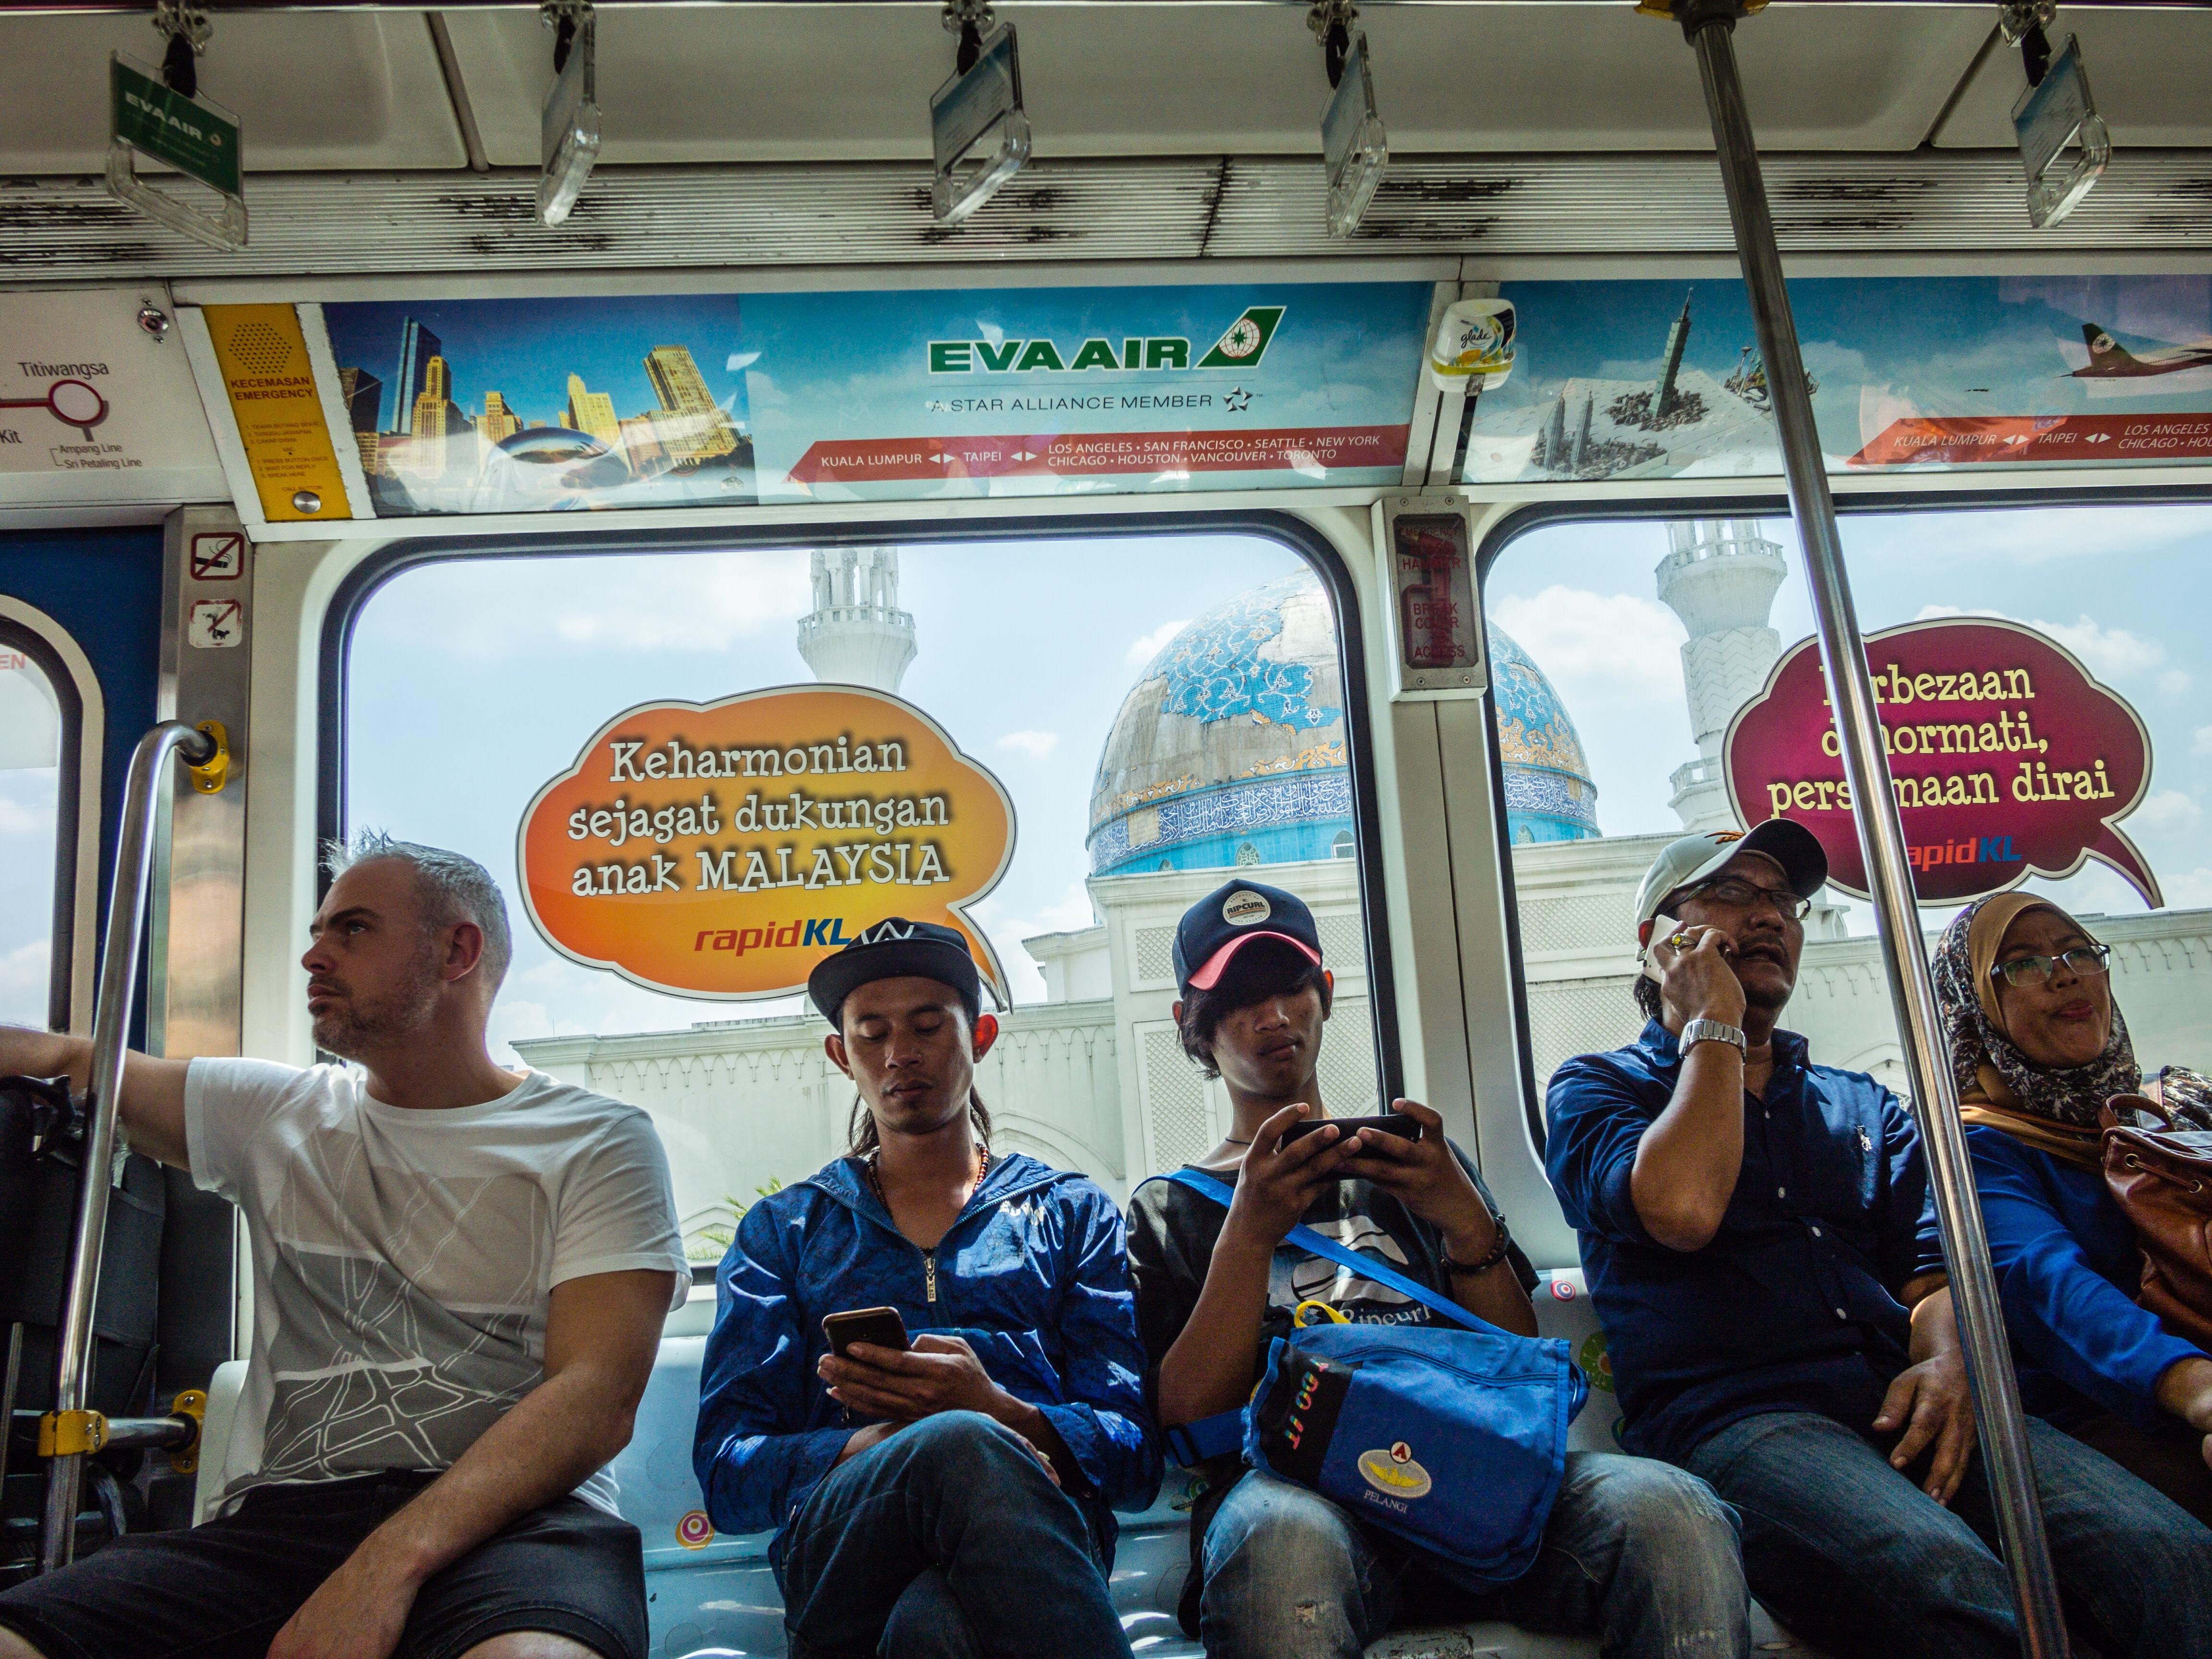 In the monorail, Kuala Lumpur, Malaysia